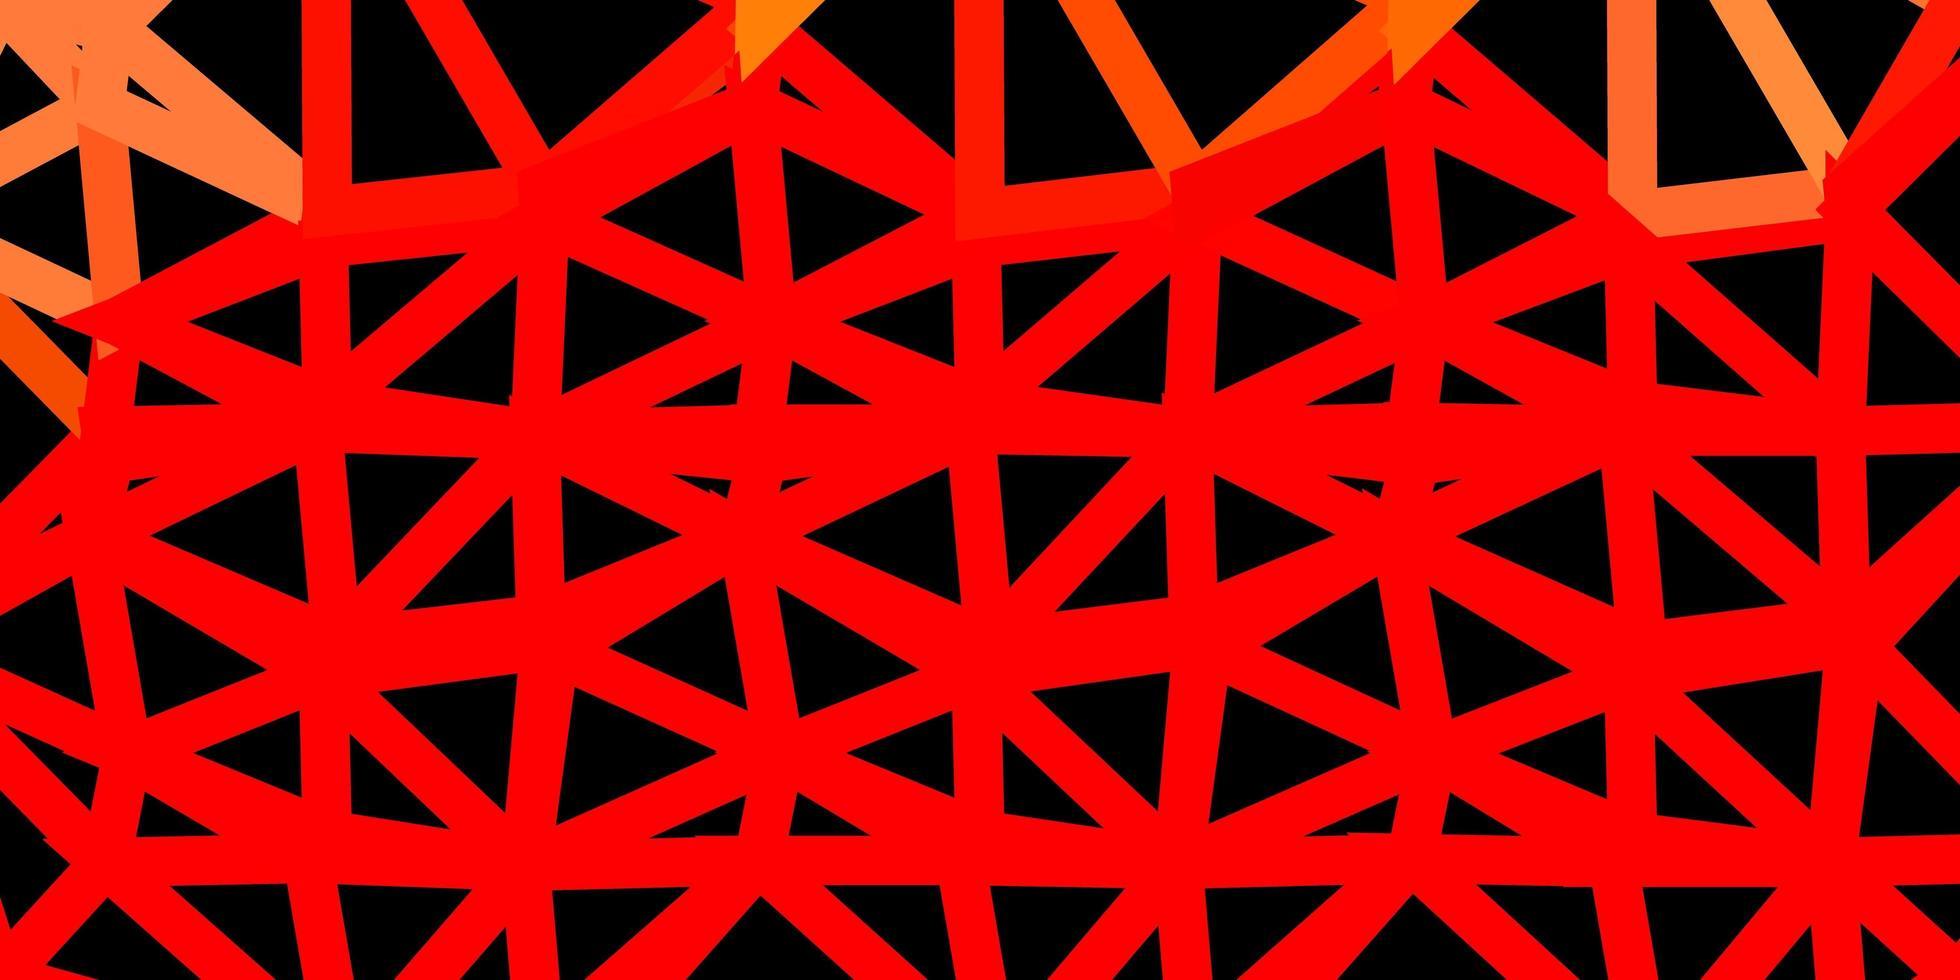 motif de triangle abstrait vecteur rouge clair.